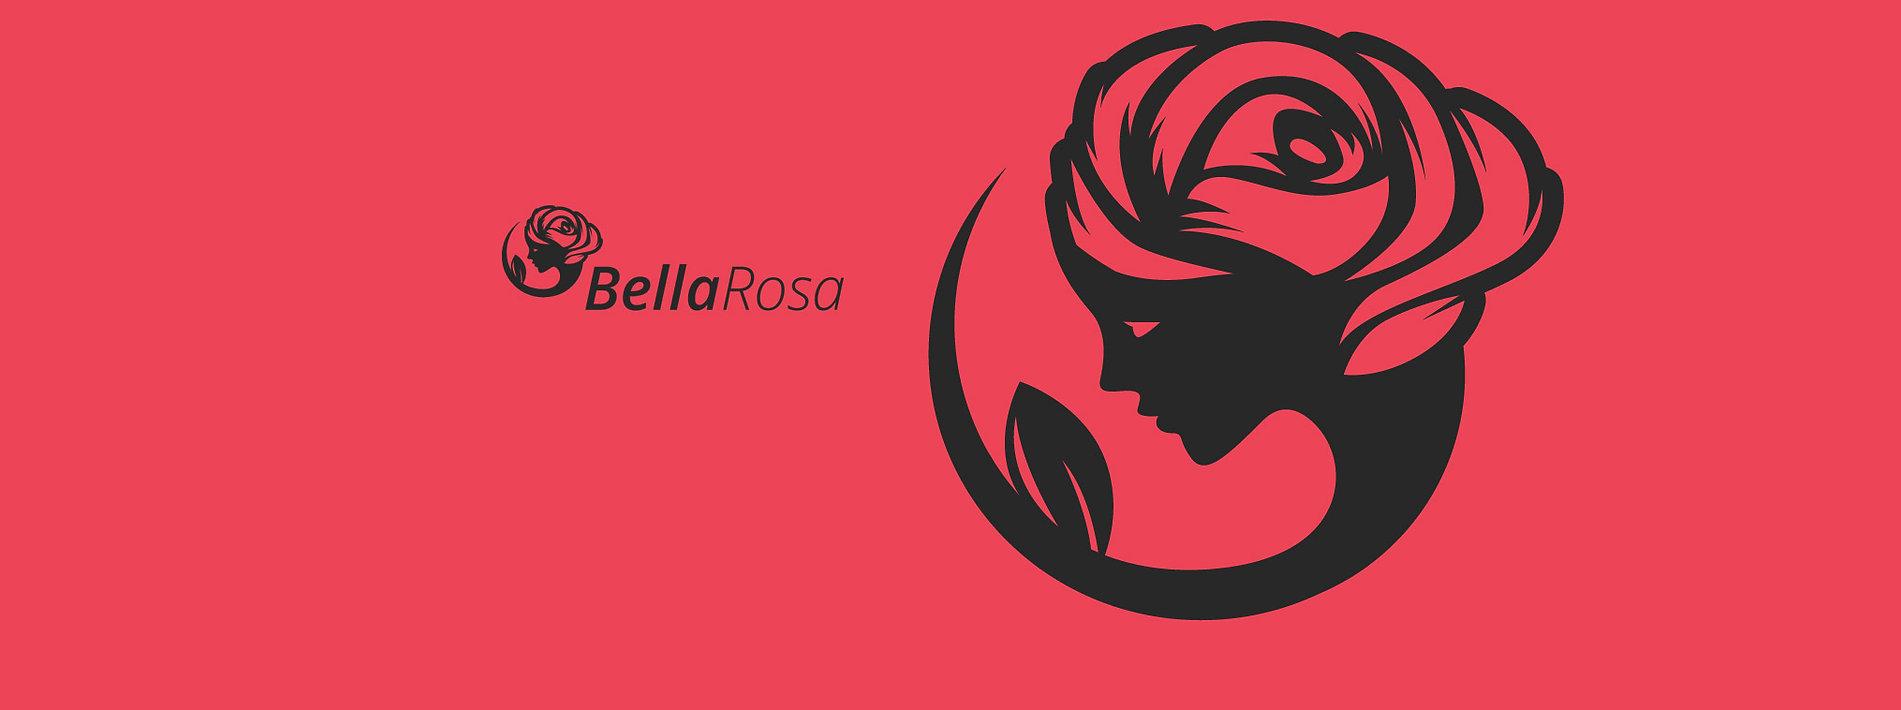 Bella Rosa logotipo acessórios argentina